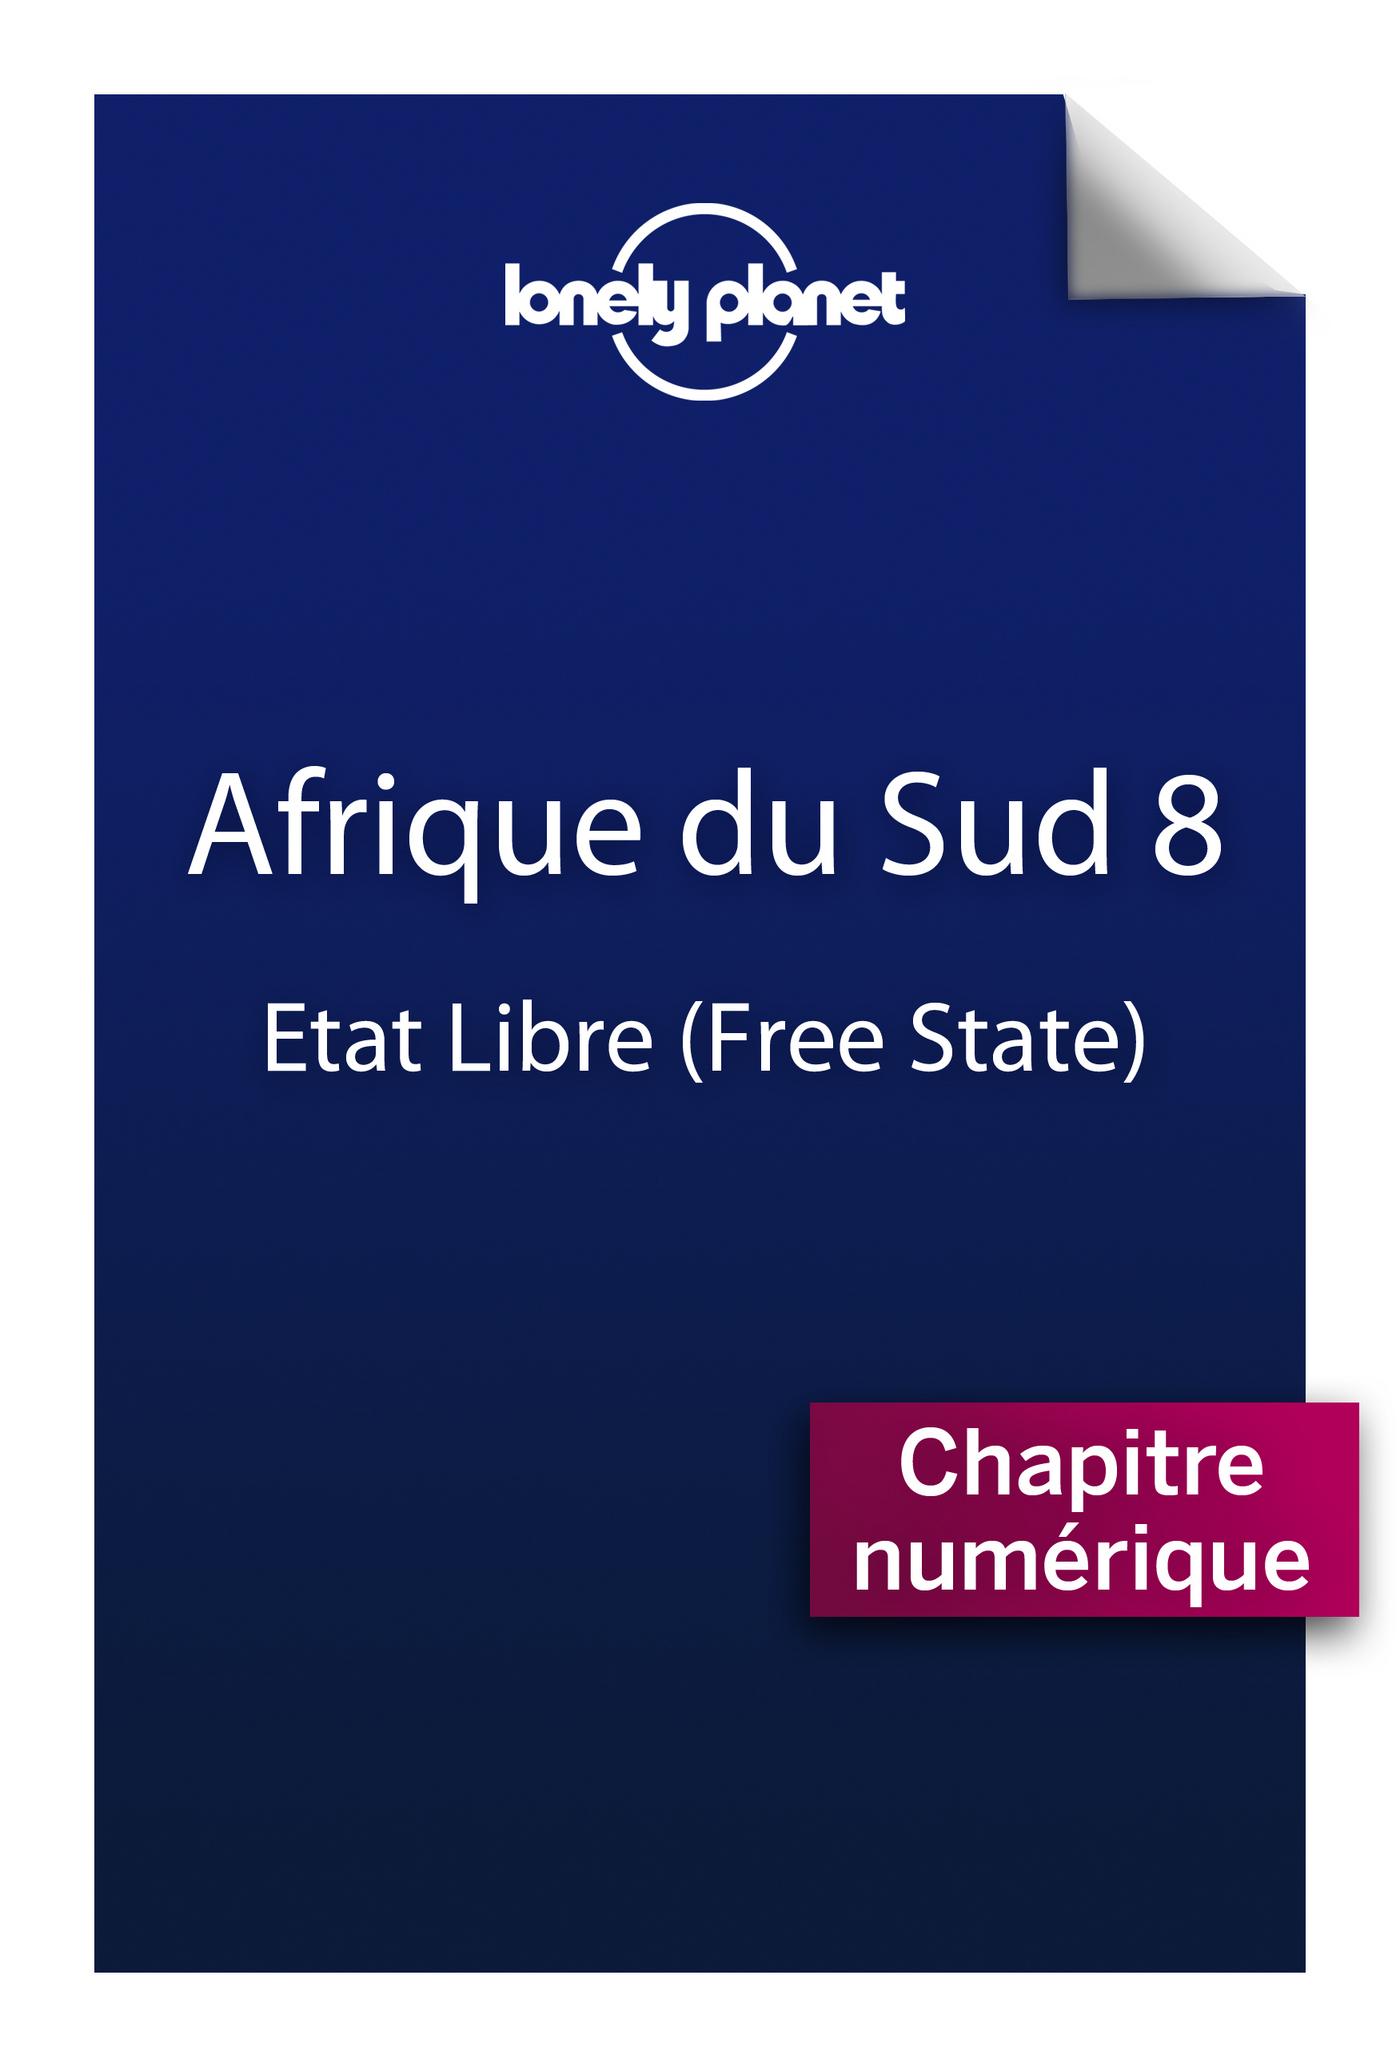 Afrique du Sud 8 - Etat Libre (Free State)